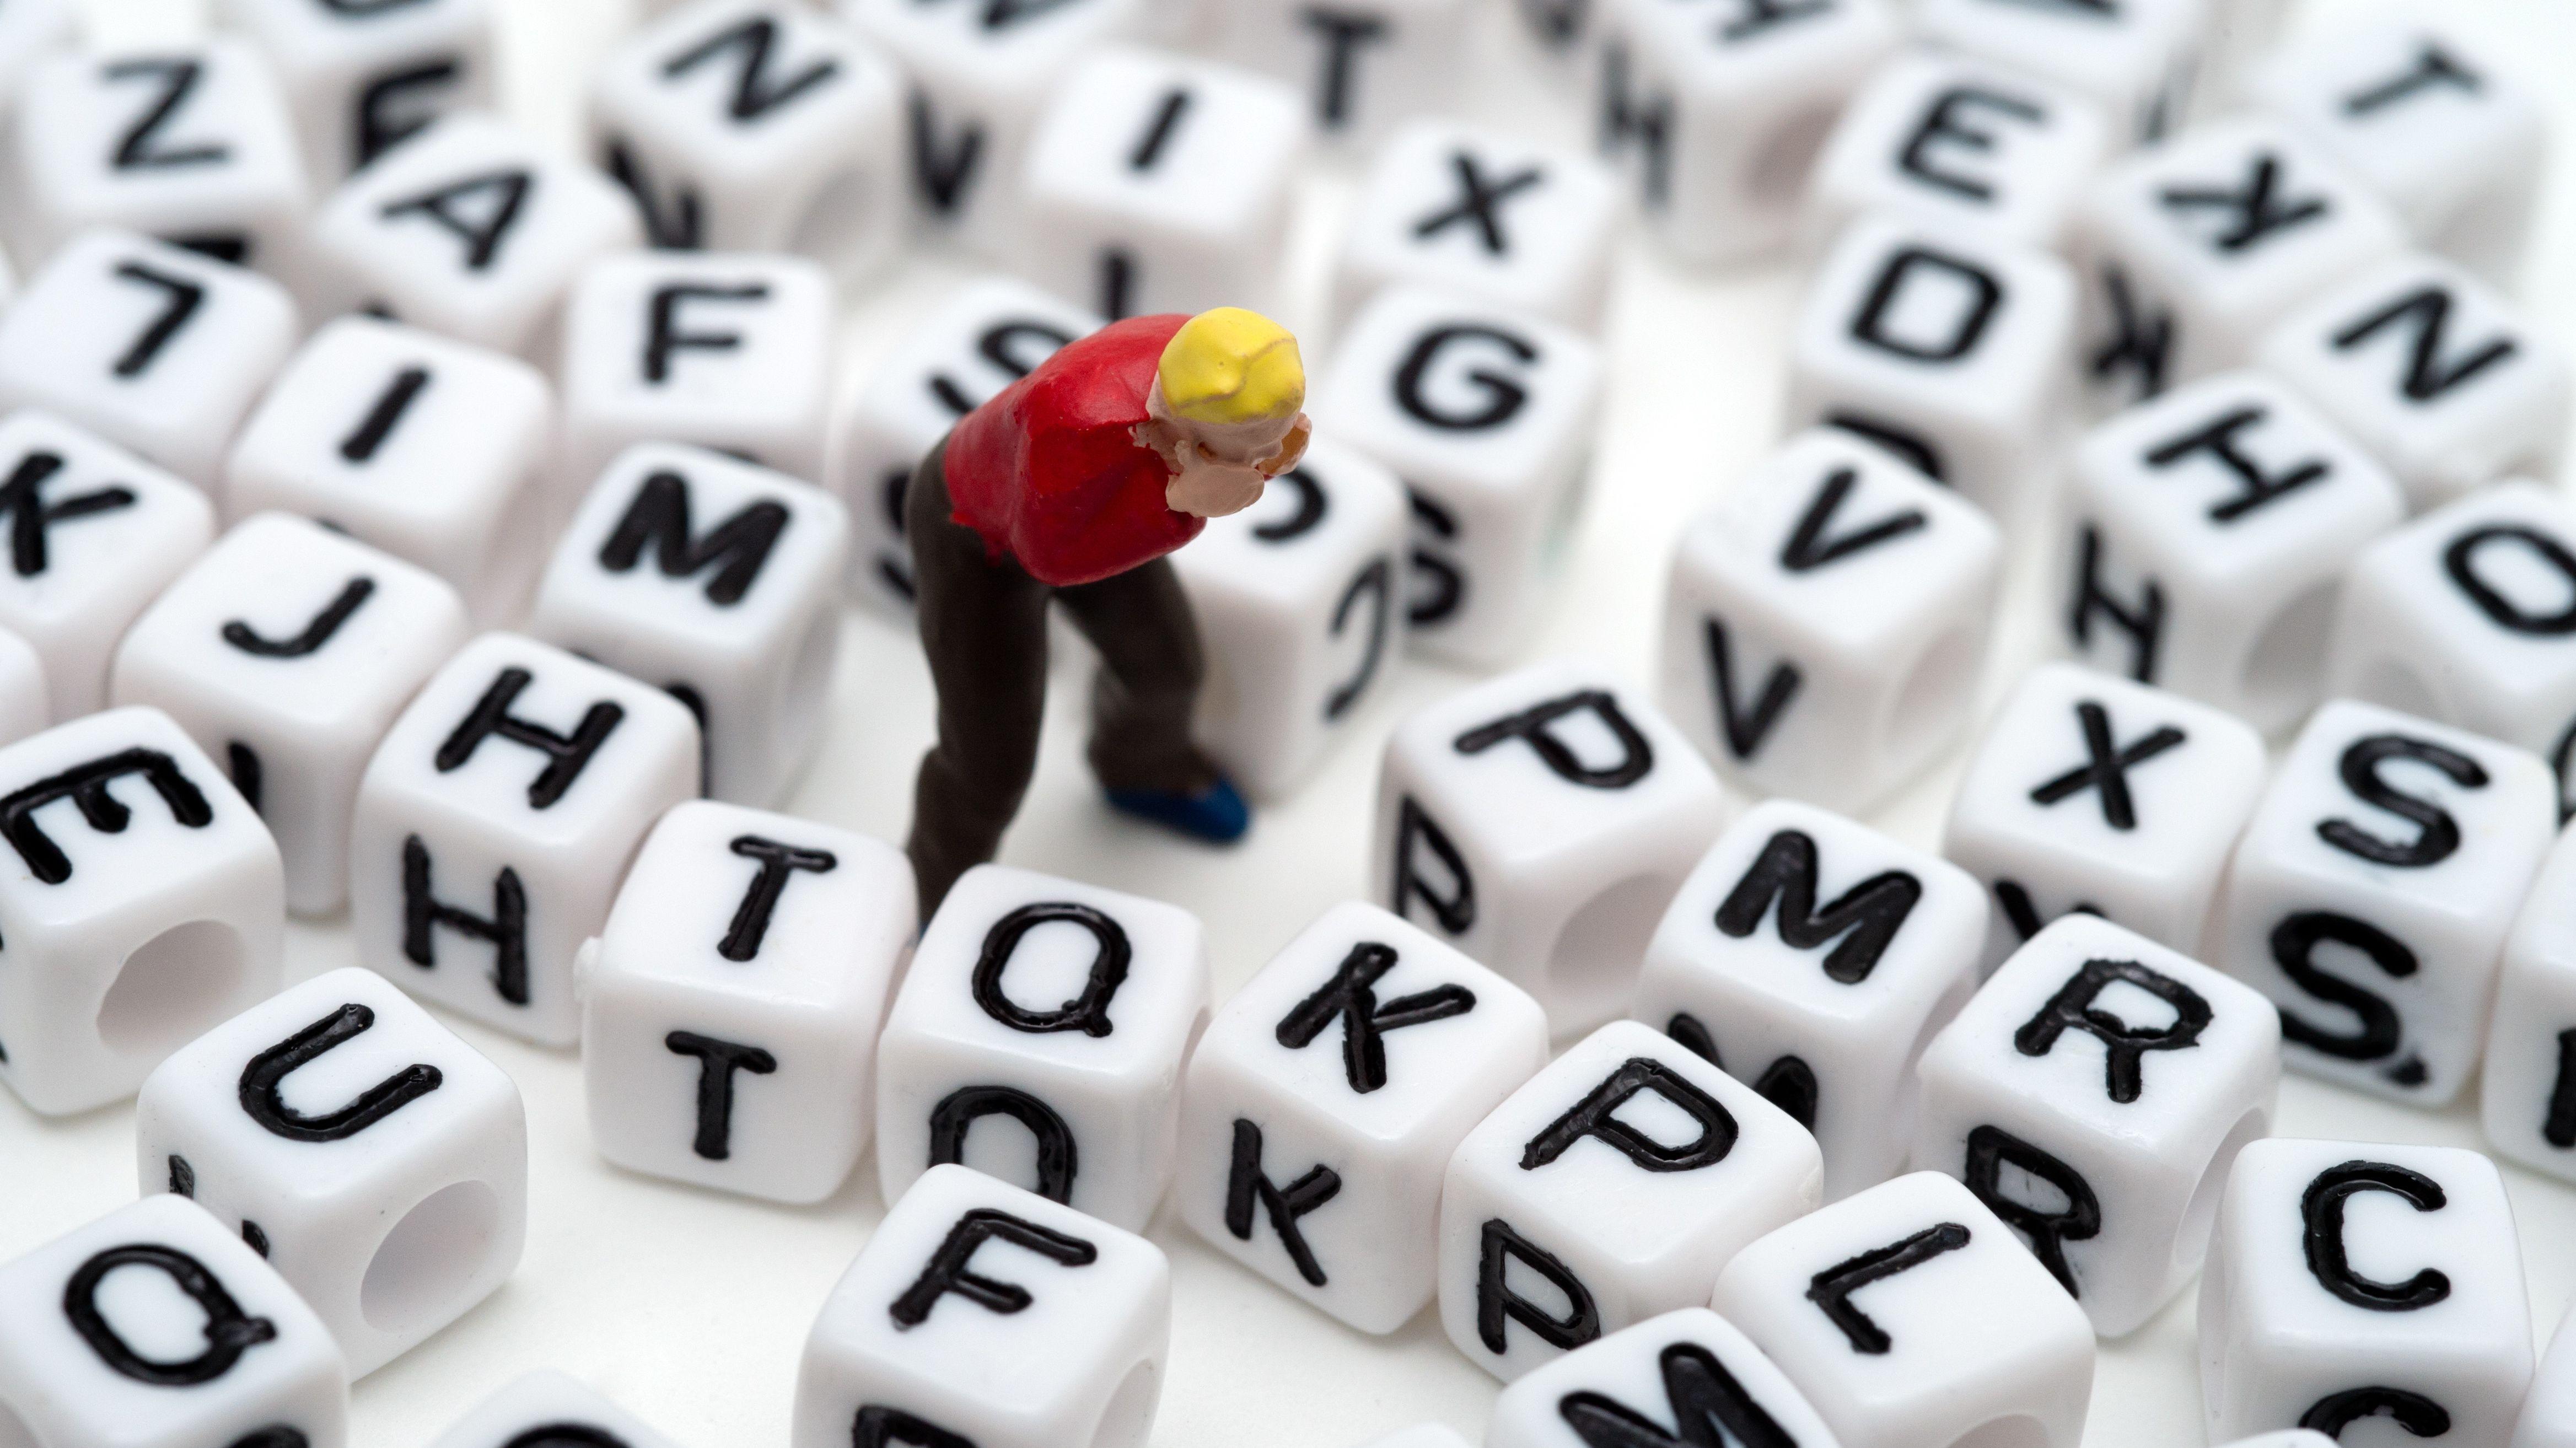 Figur eines verzweifelten Mannes steht in Berlin zwischen verschiedenen Buchstabenwürfeln